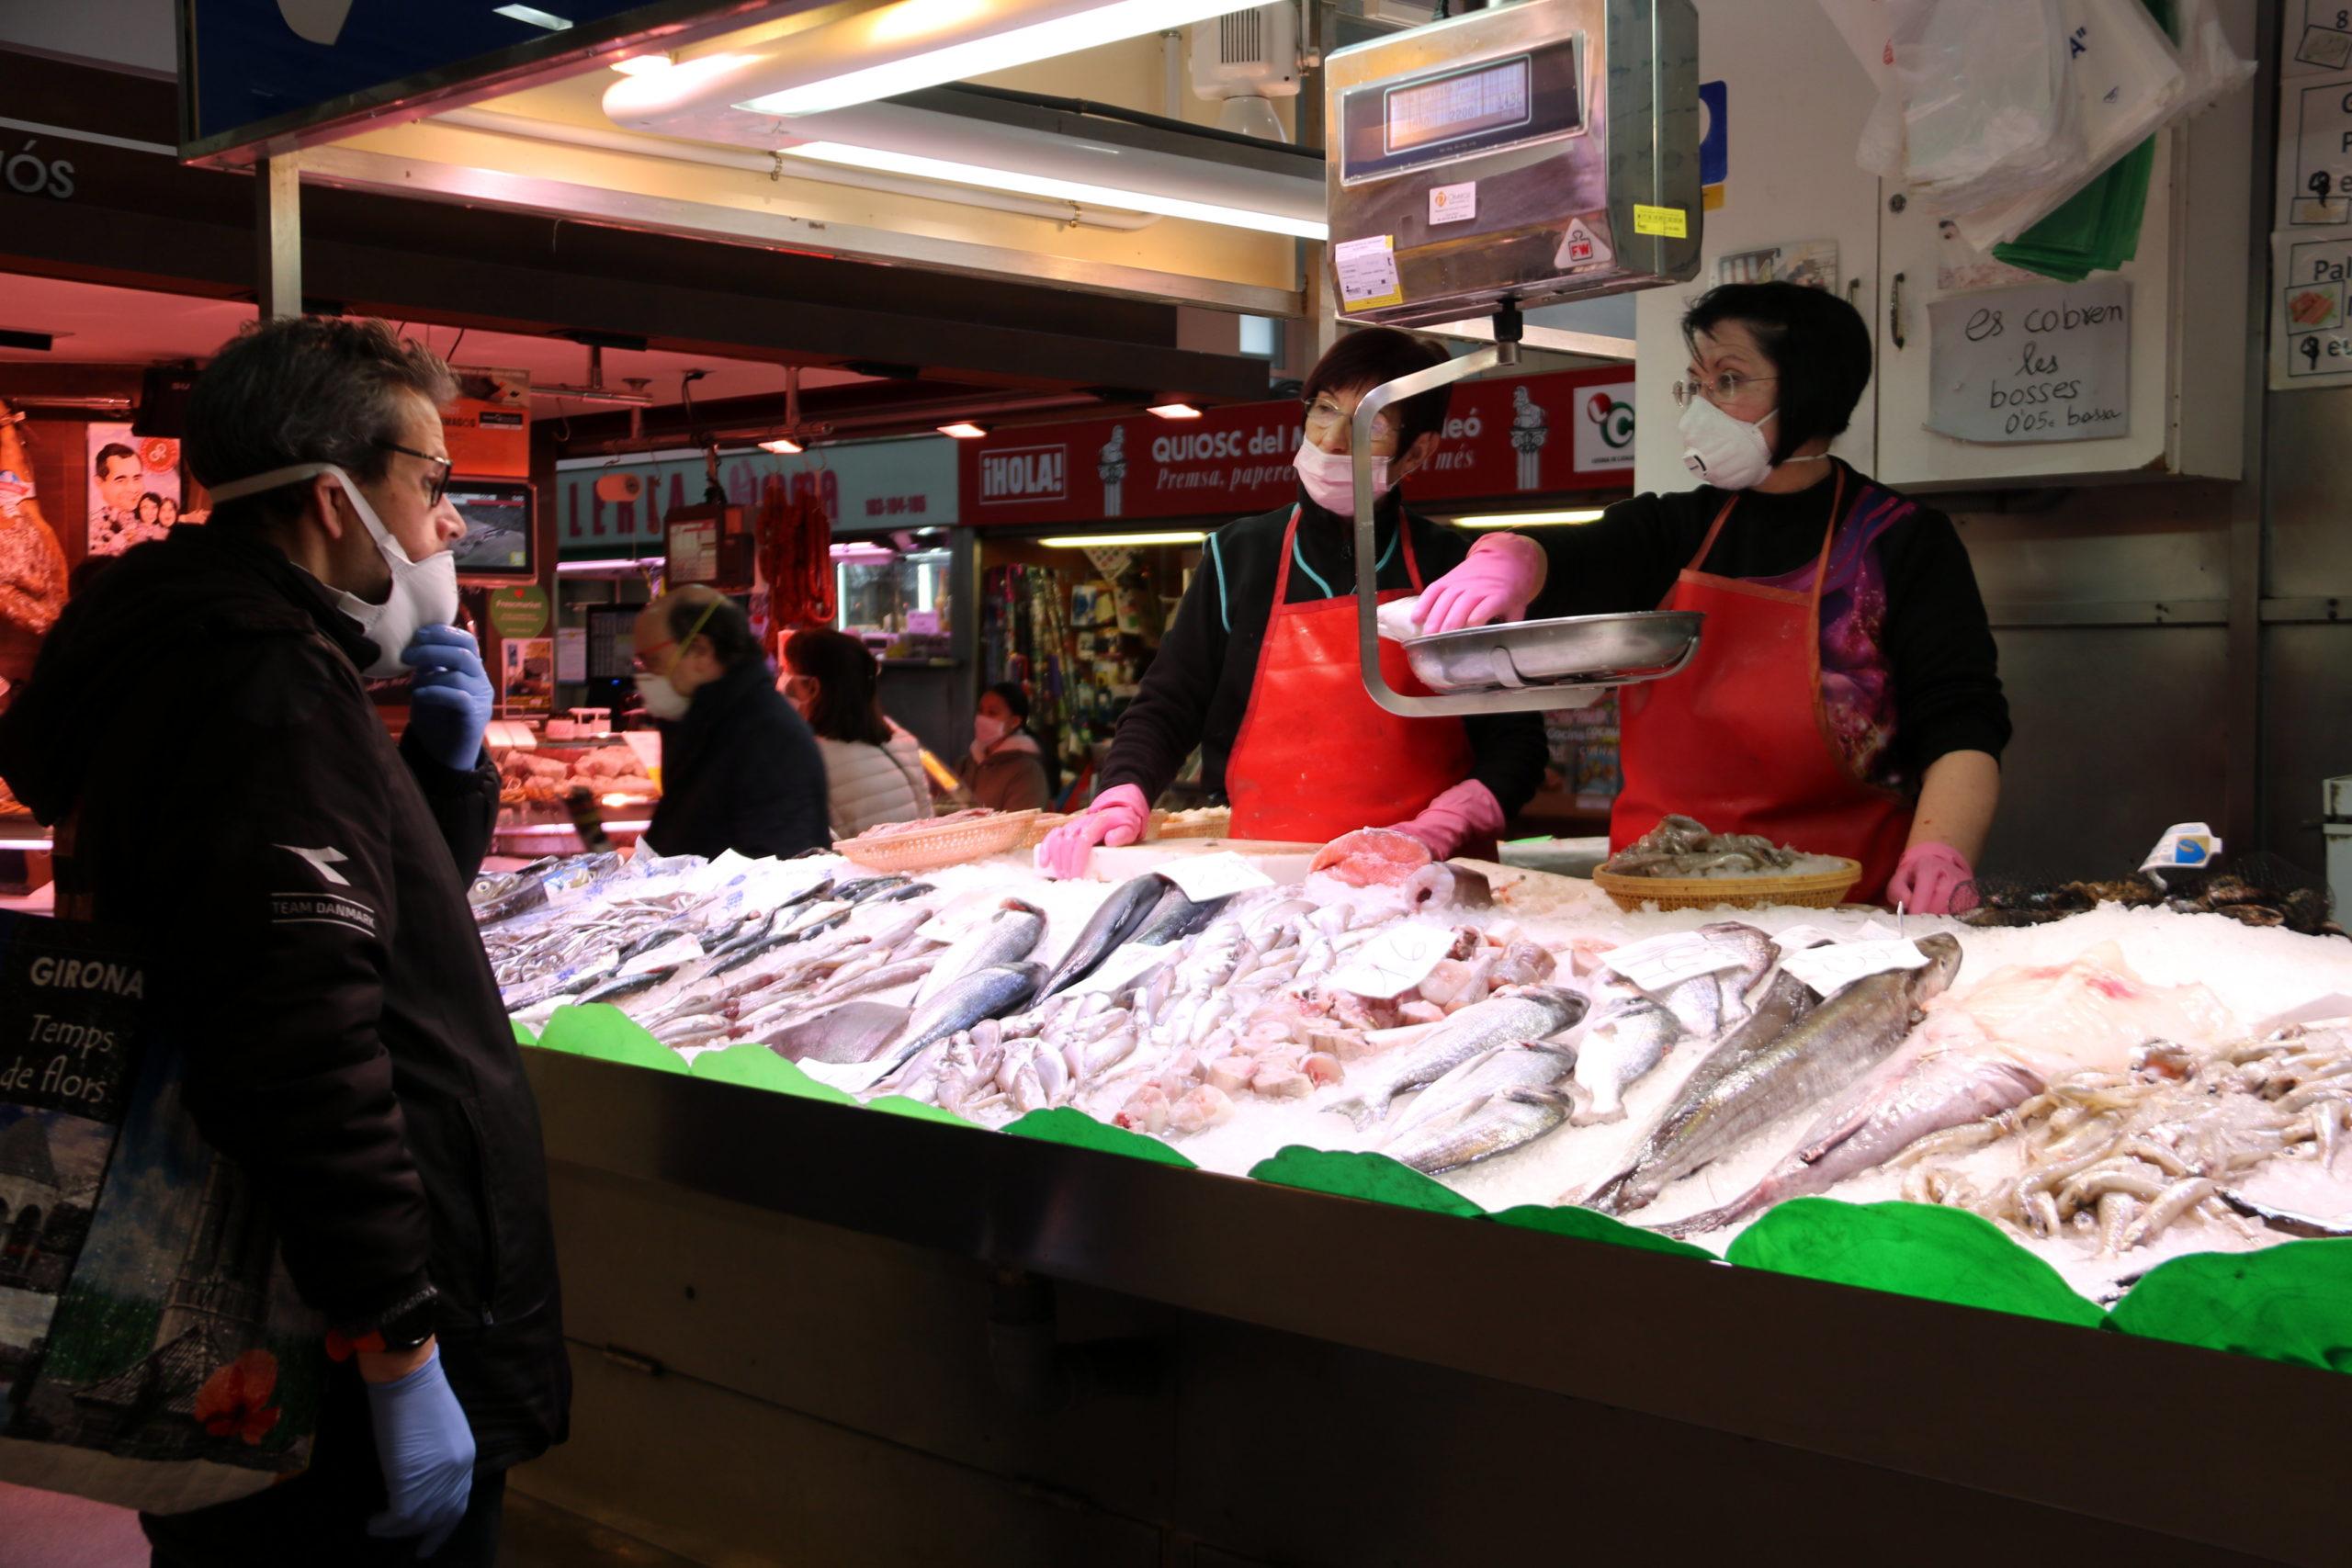 Un client comprant a una peixateria del Mercat del Lleó de Girona | ACN